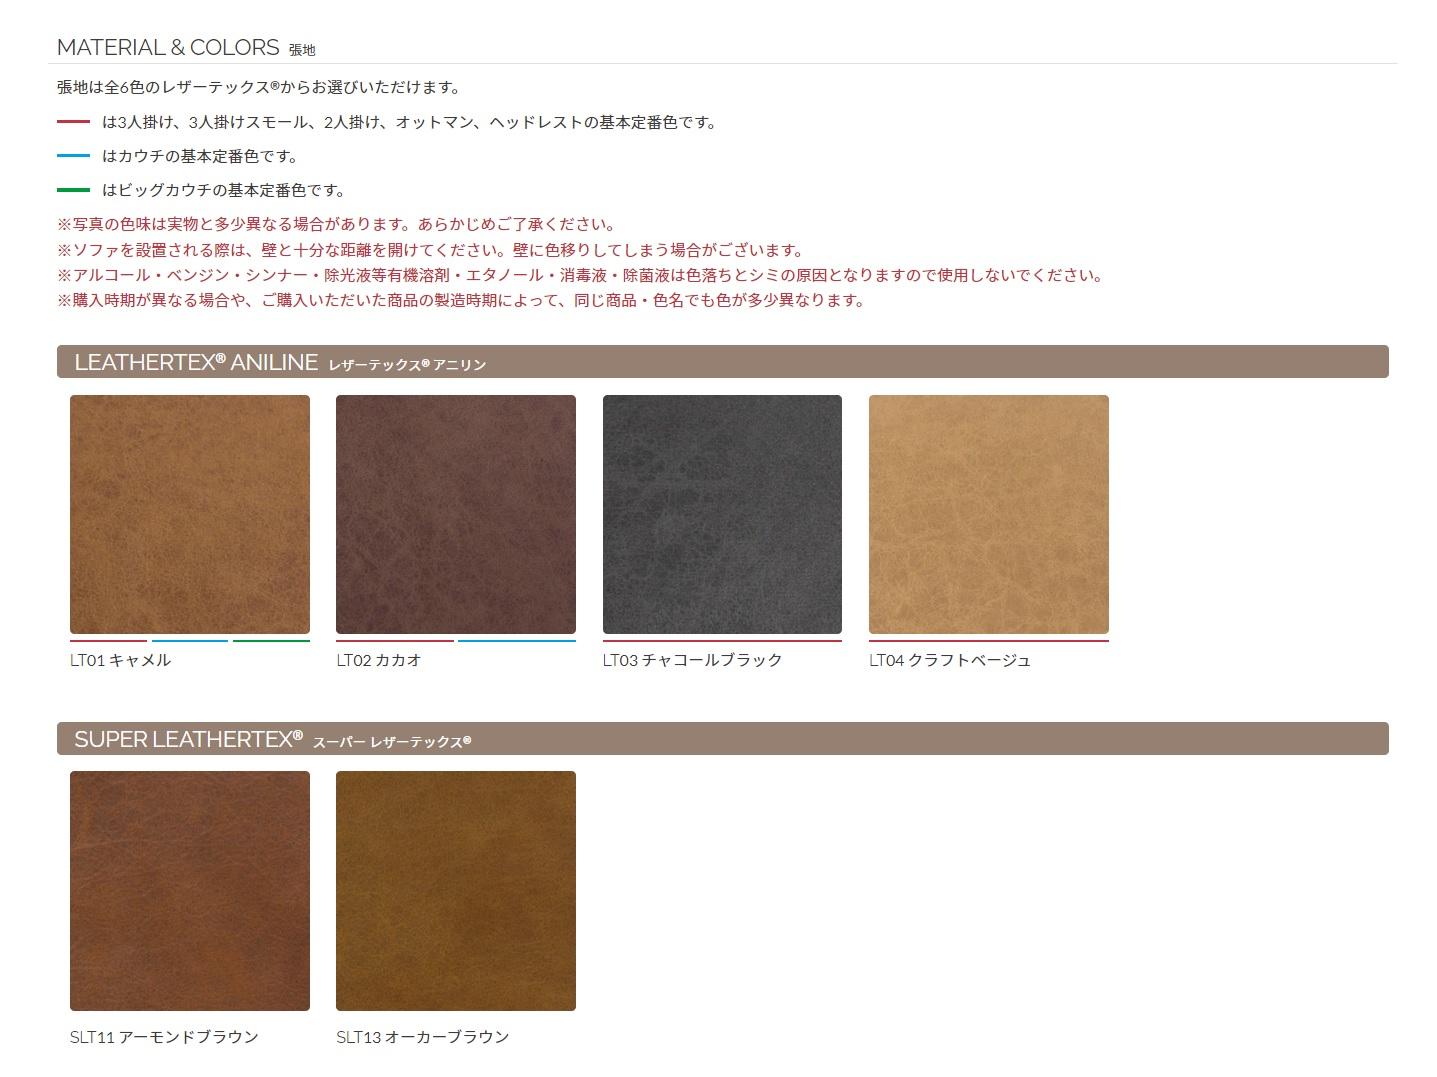 【関家具/RELAX FORM】 カウチソファ・コロンバス 「リラックスフォーム」(クッション2個付き) レザーテックス素材 幅219�